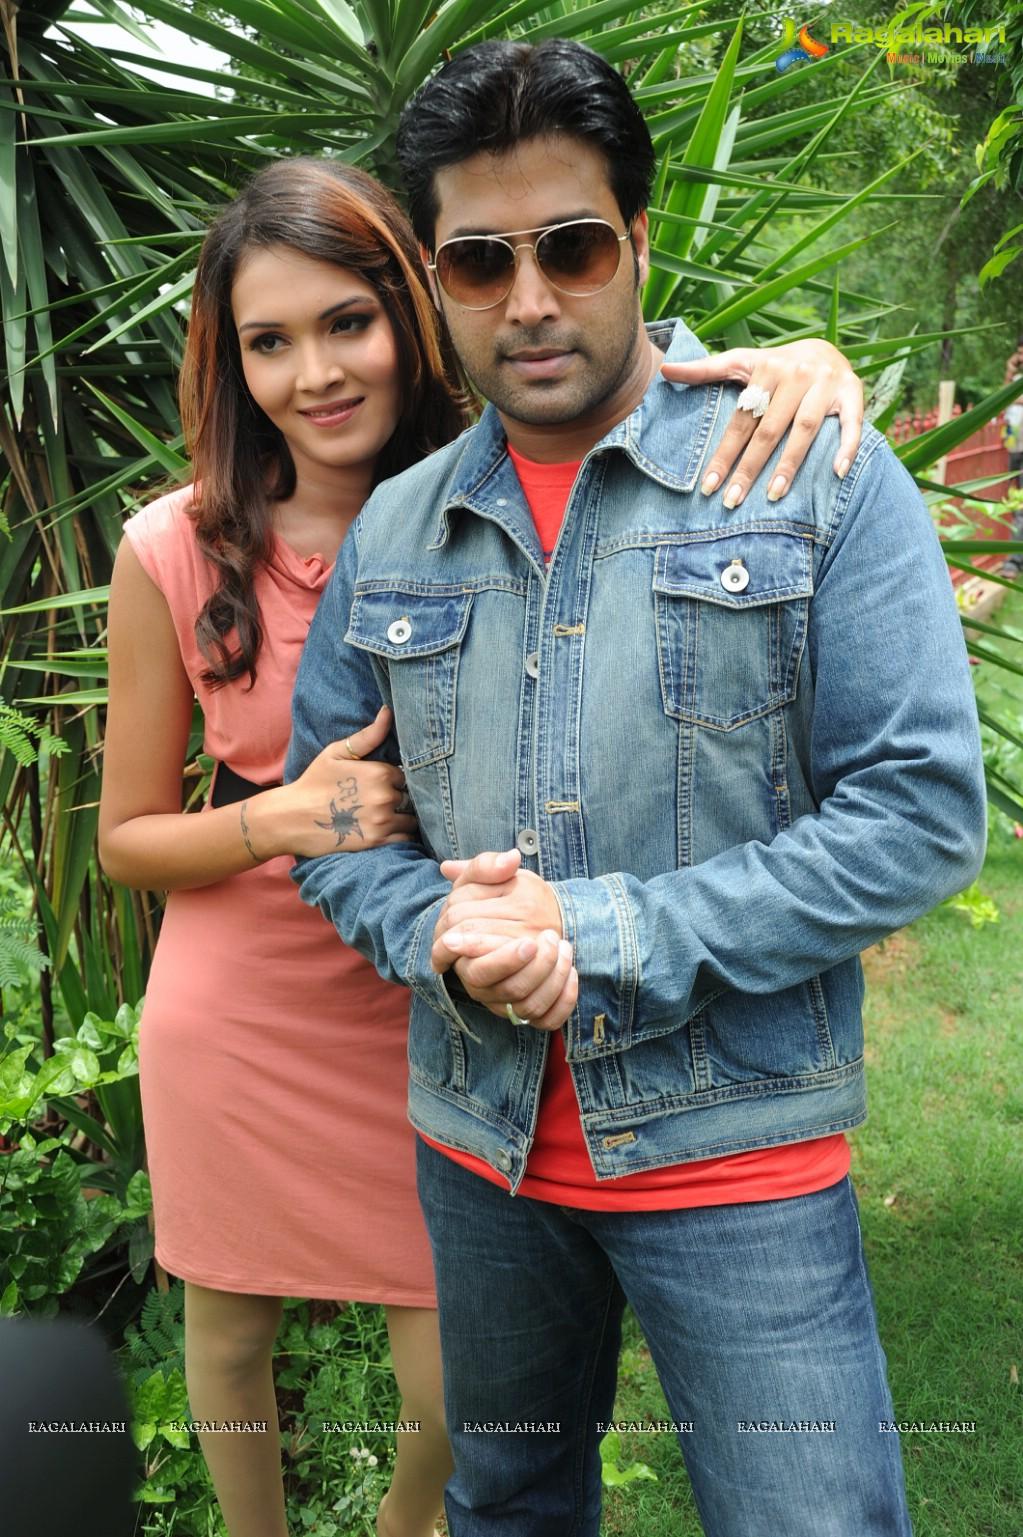 'Anandam Malli Modalaindi' movie updates